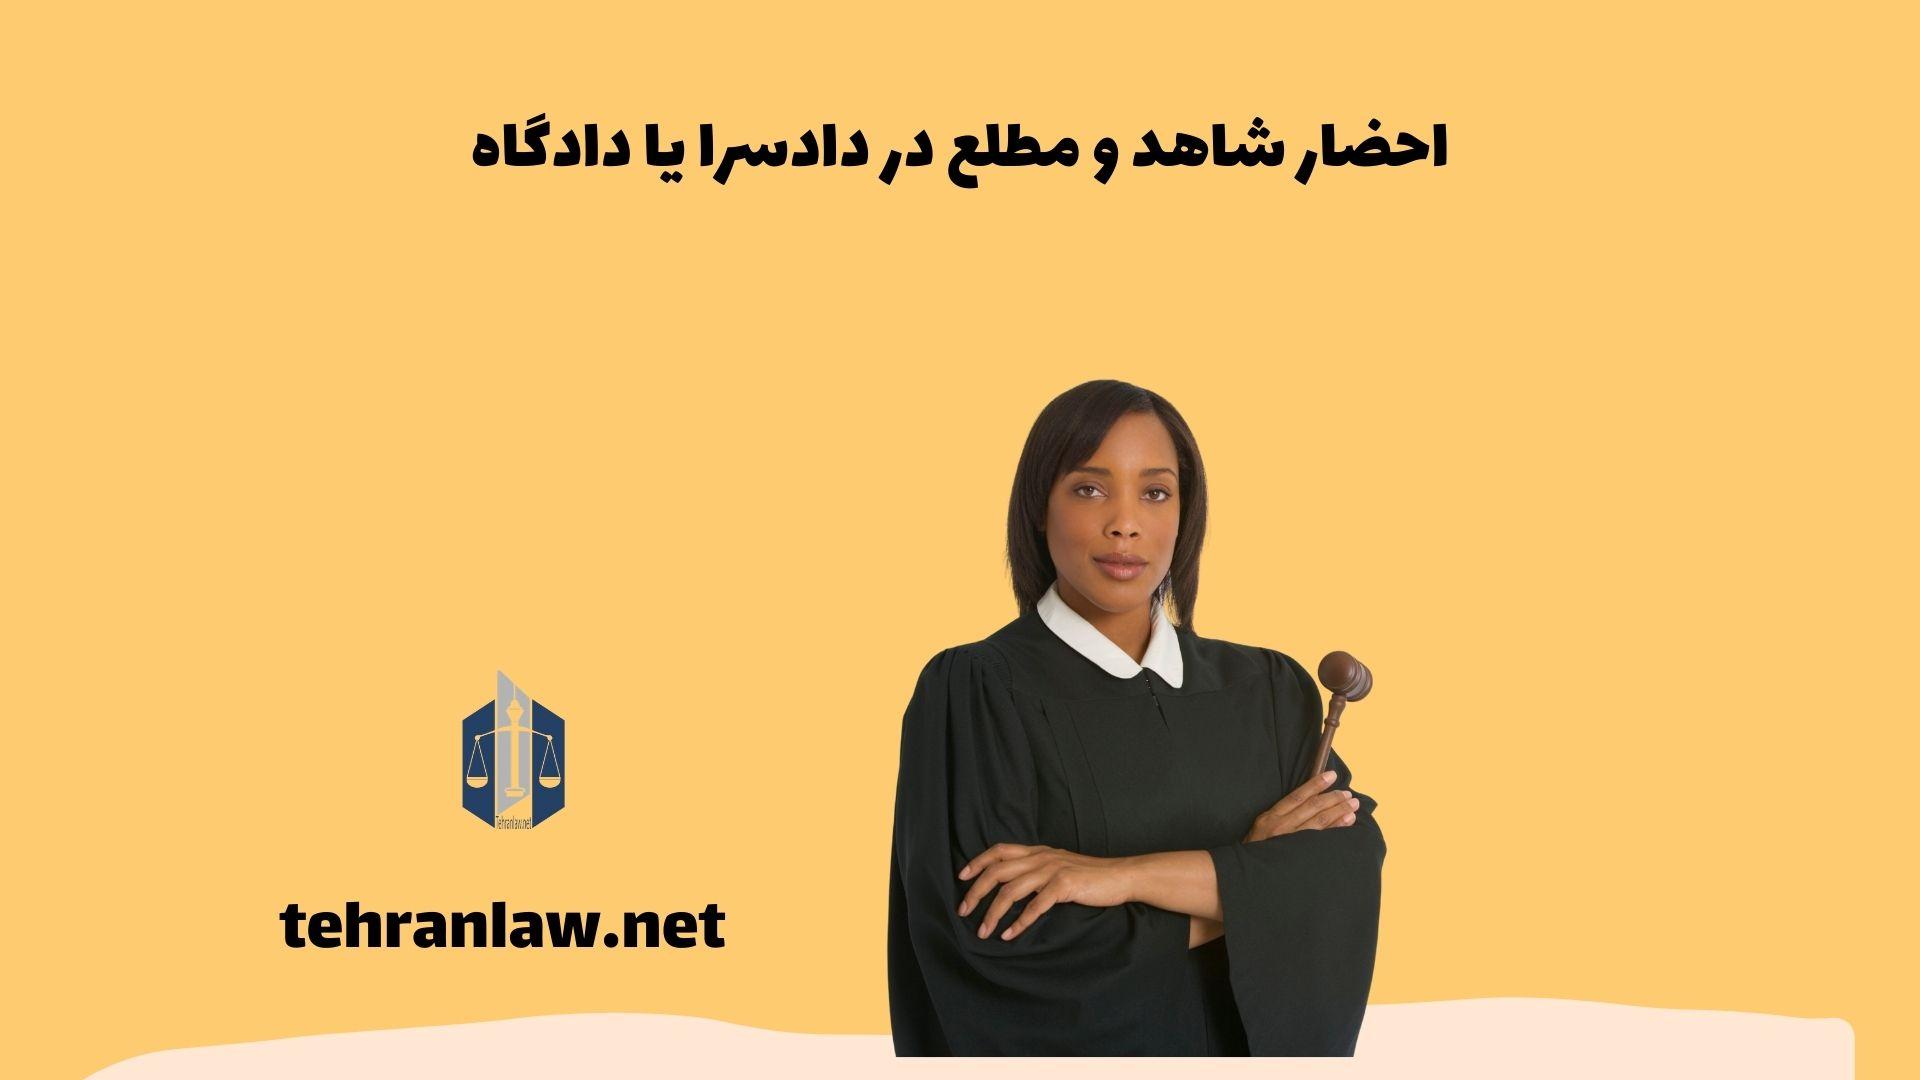 احضار شاهد و مطلع در دادسرا یا دادگاه